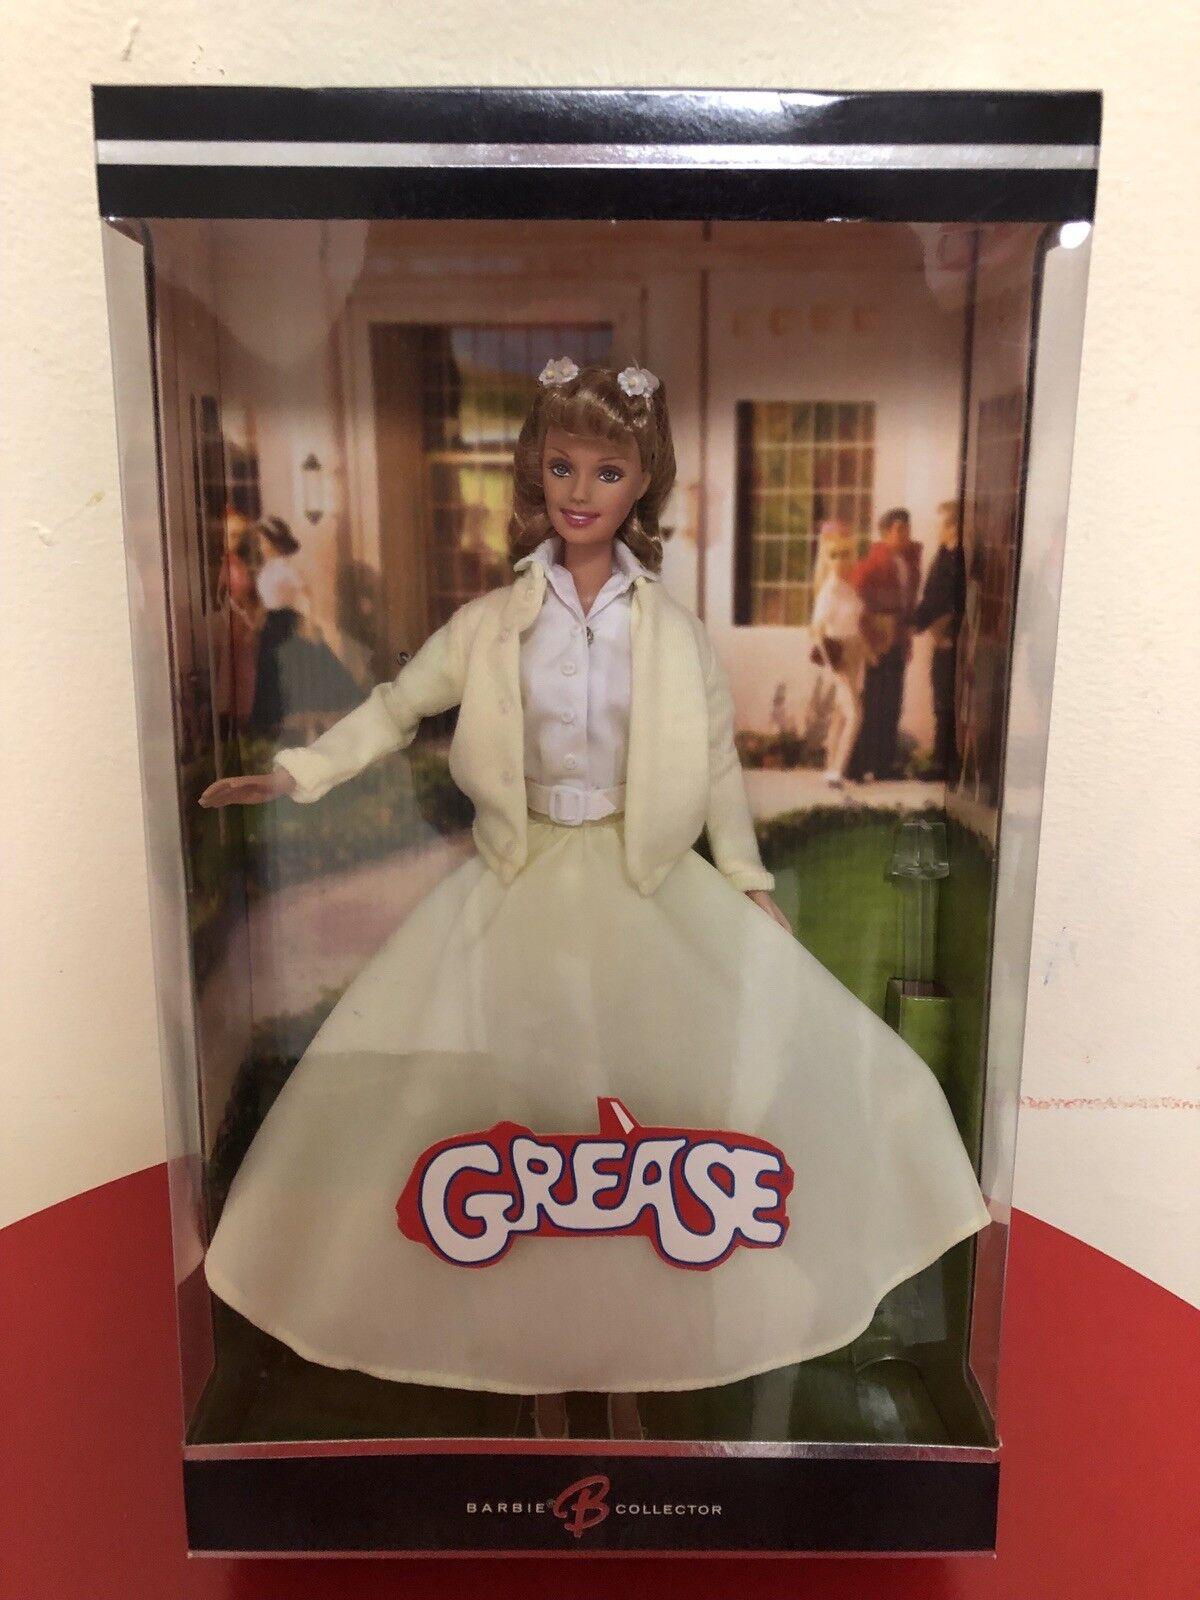 Grasa de Barbie  Sandy  Colector Muñeca